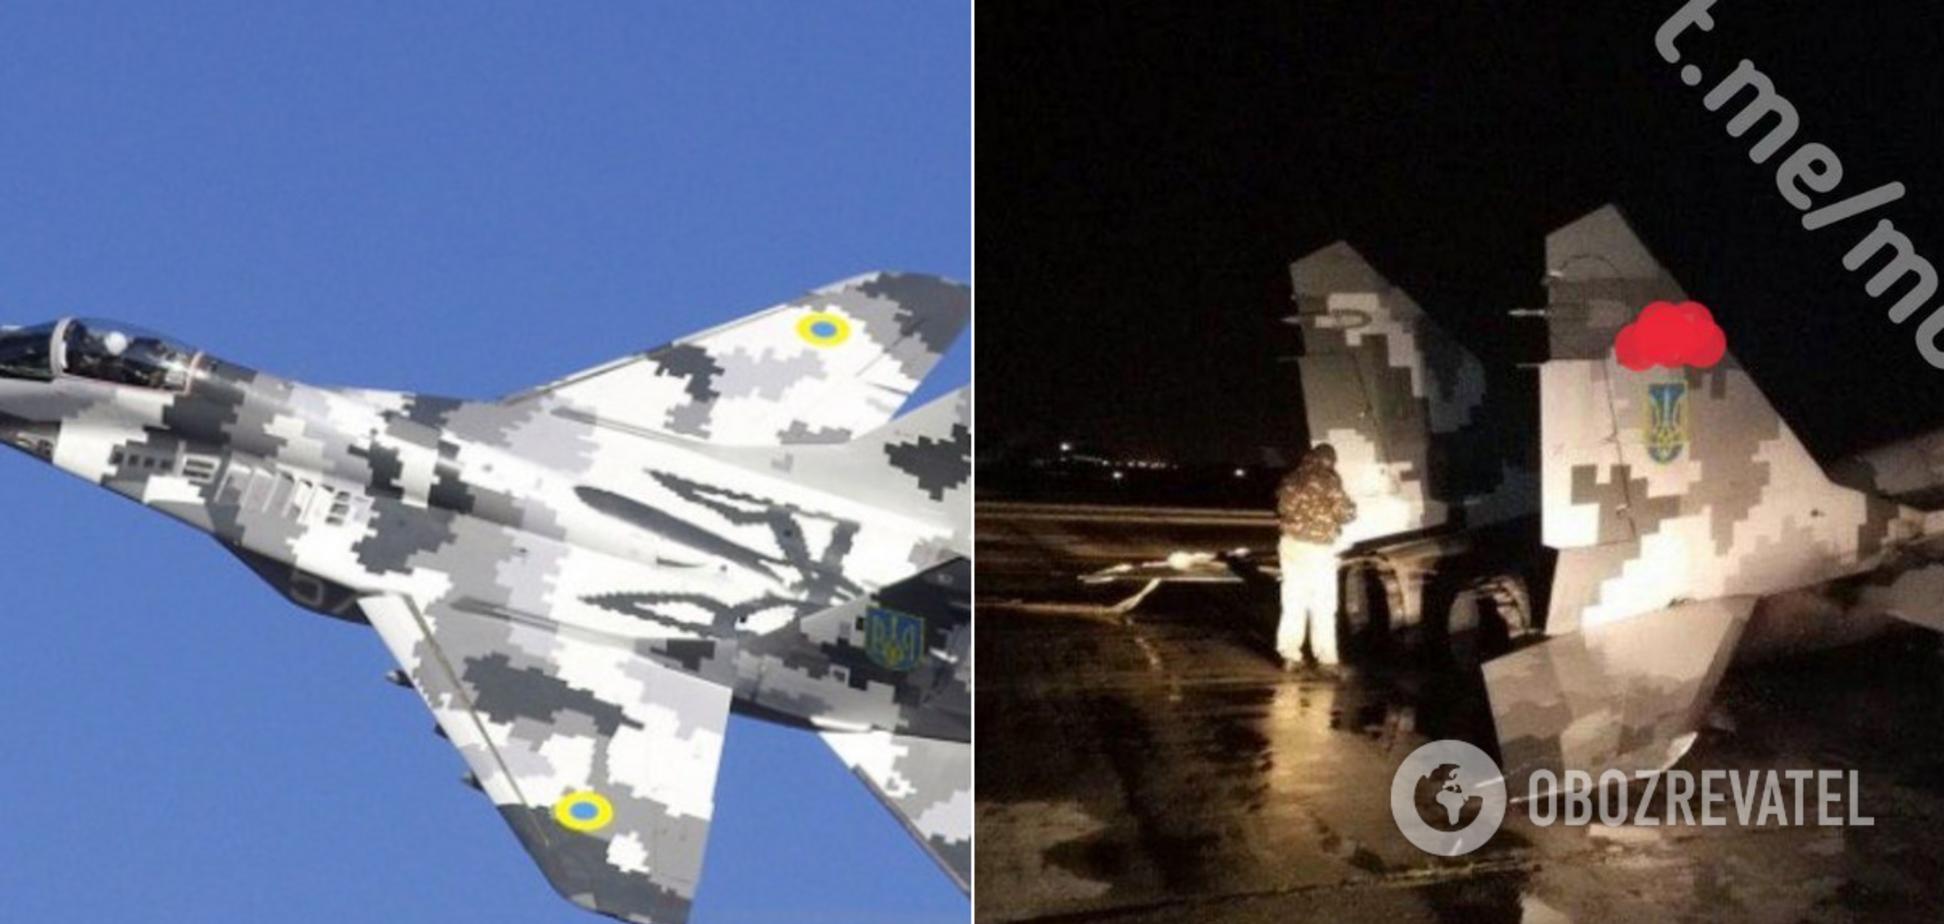 У Мелітополі здійснив аварійну посадку винищувач МіГ-29. Фото з місця НП